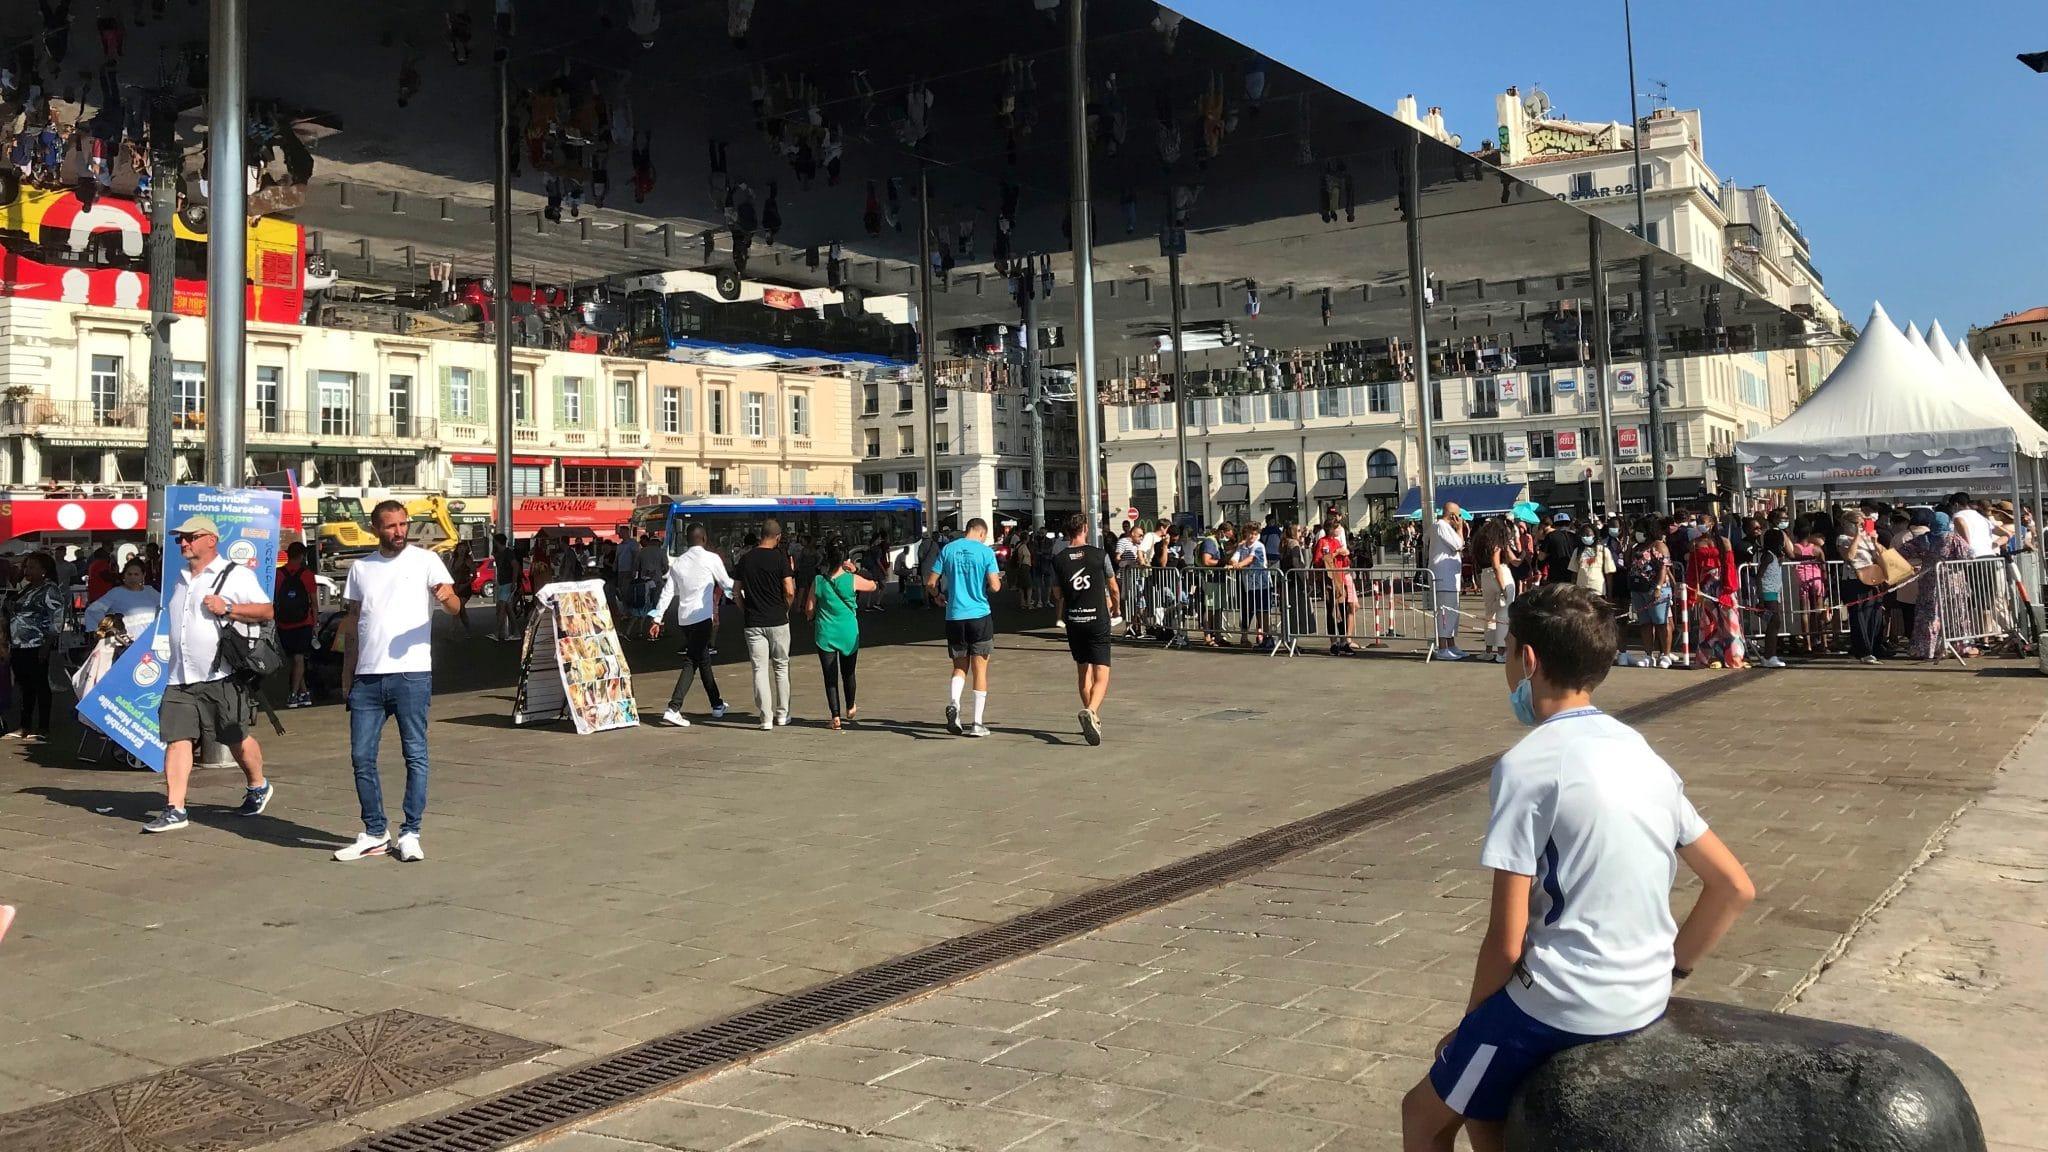 [L'été venants] Le Vieux-Port, épicentre populaire de l'été marseillais